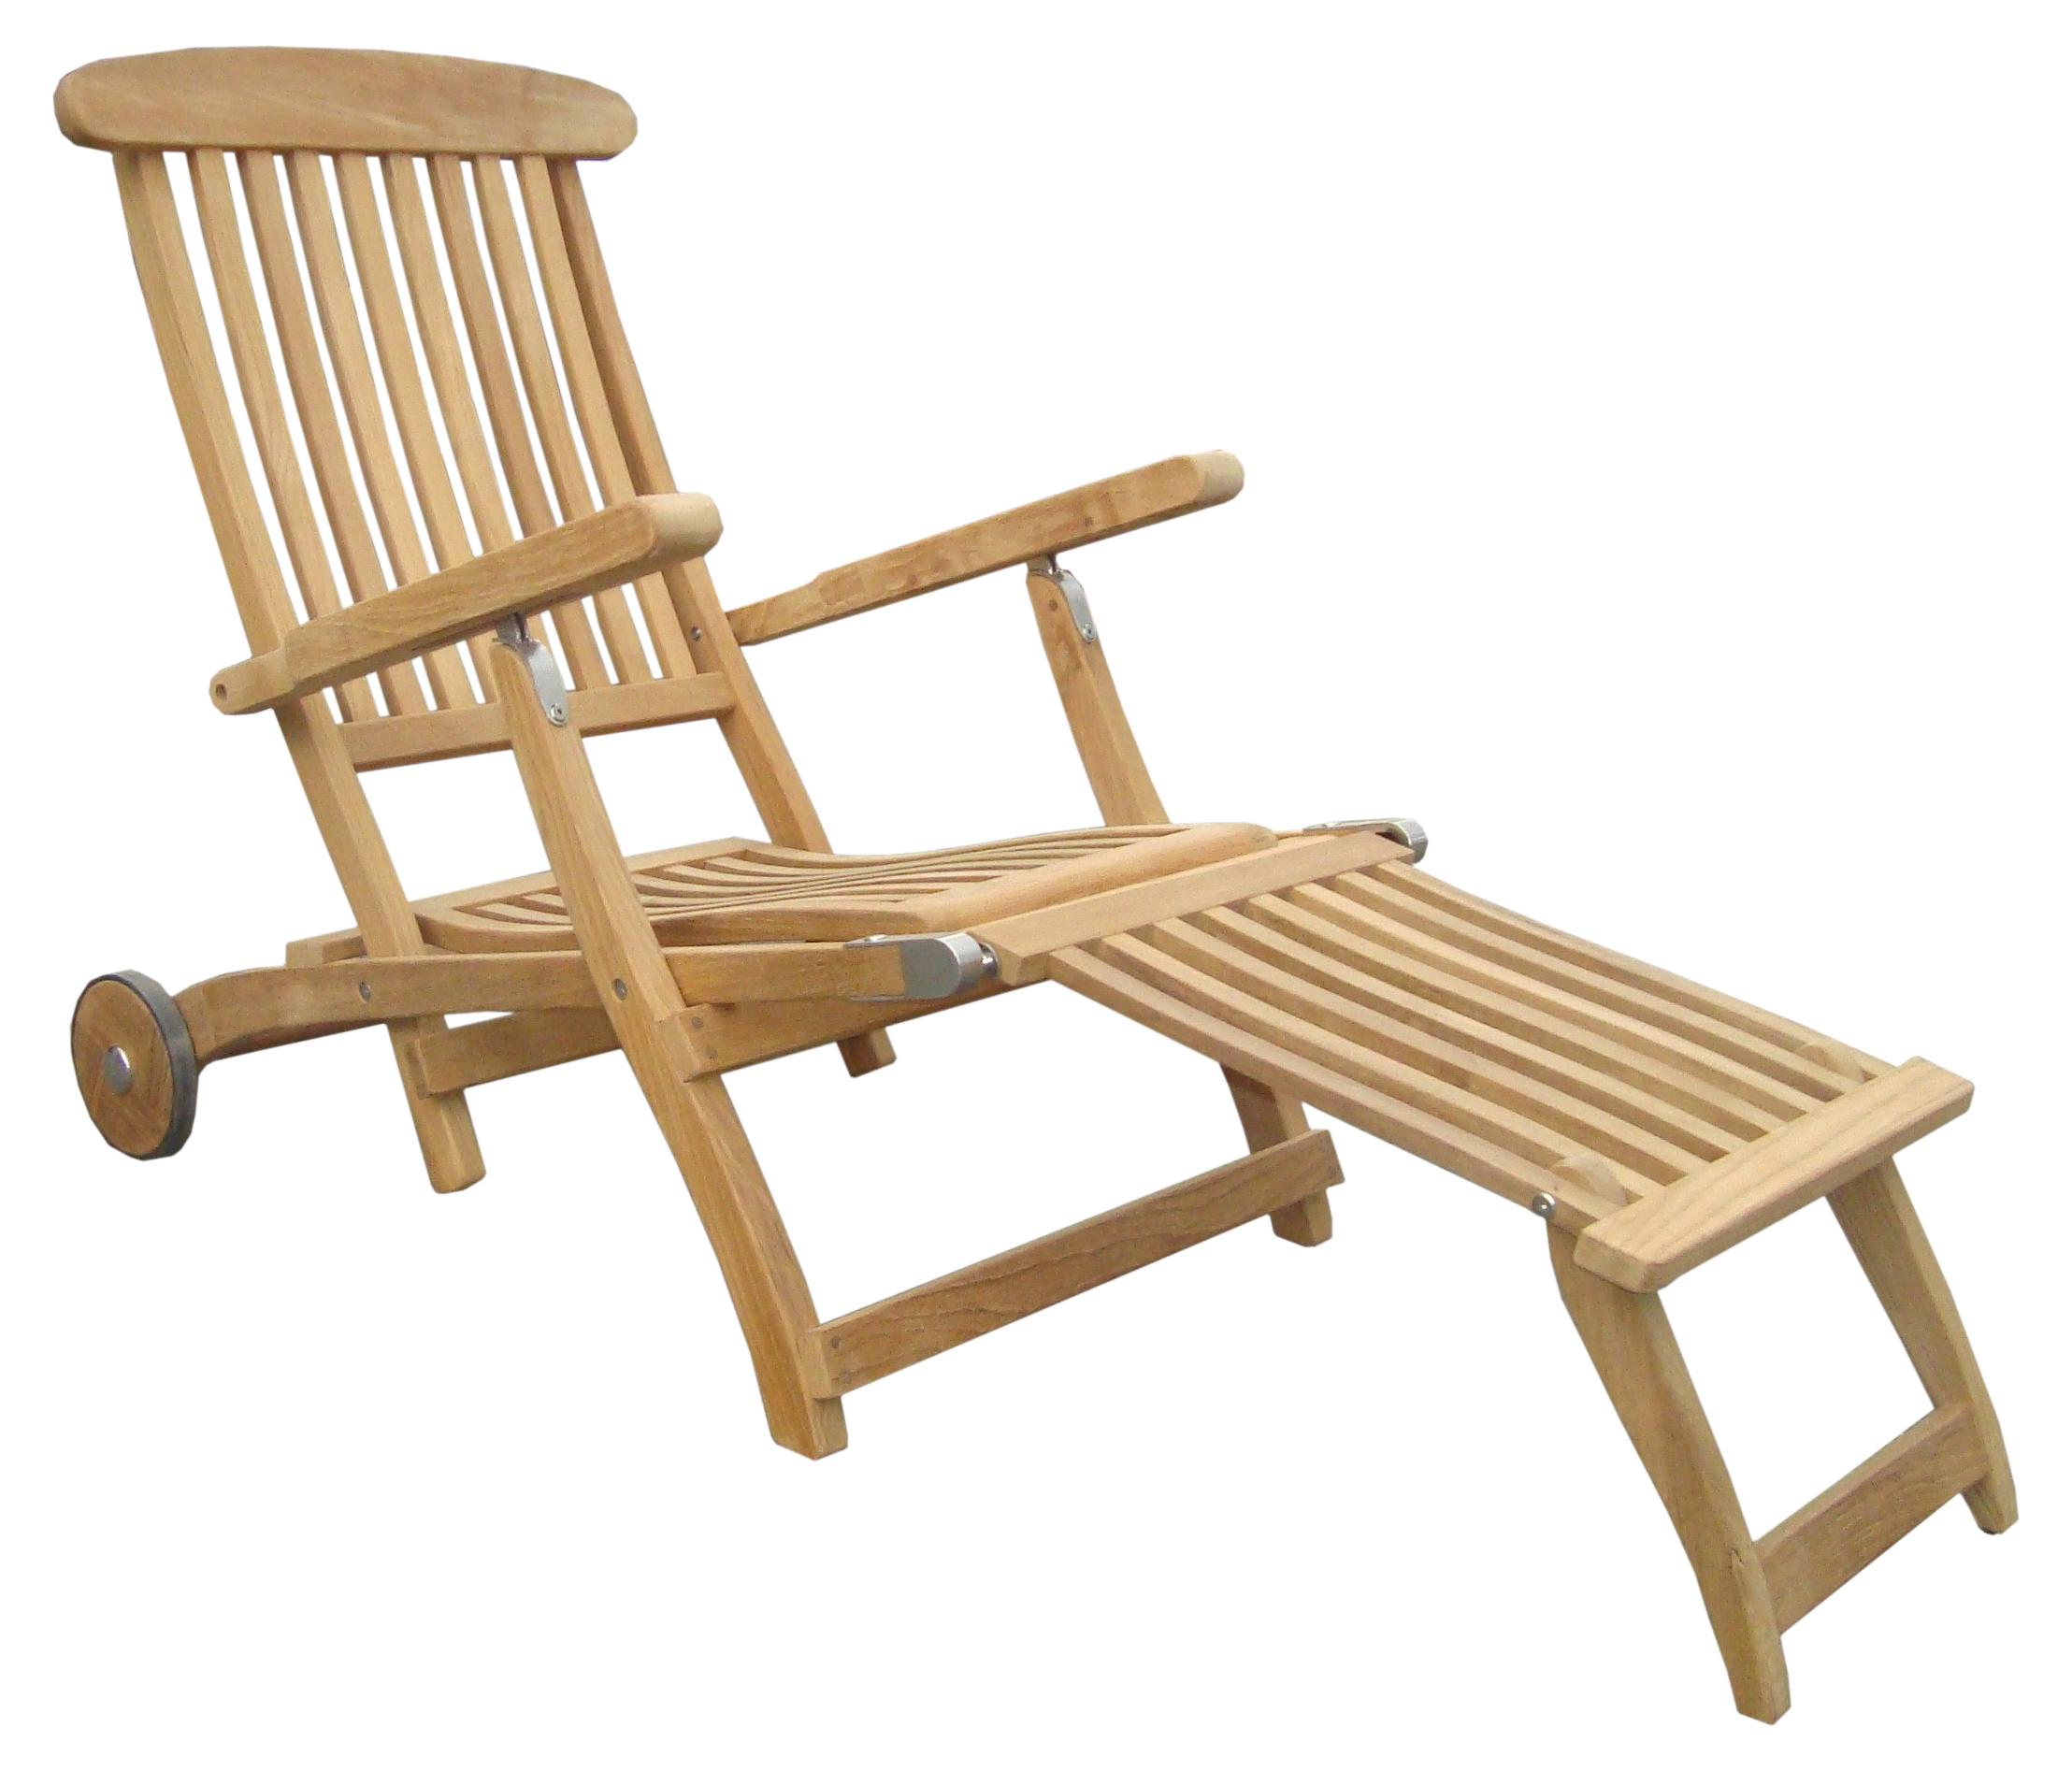 zebra bueno deckchair teak mit rollen gartenm bel von talaso talaso gartenm bel outlet. Black Bedroom Furniture Sets. Home Design Ideas